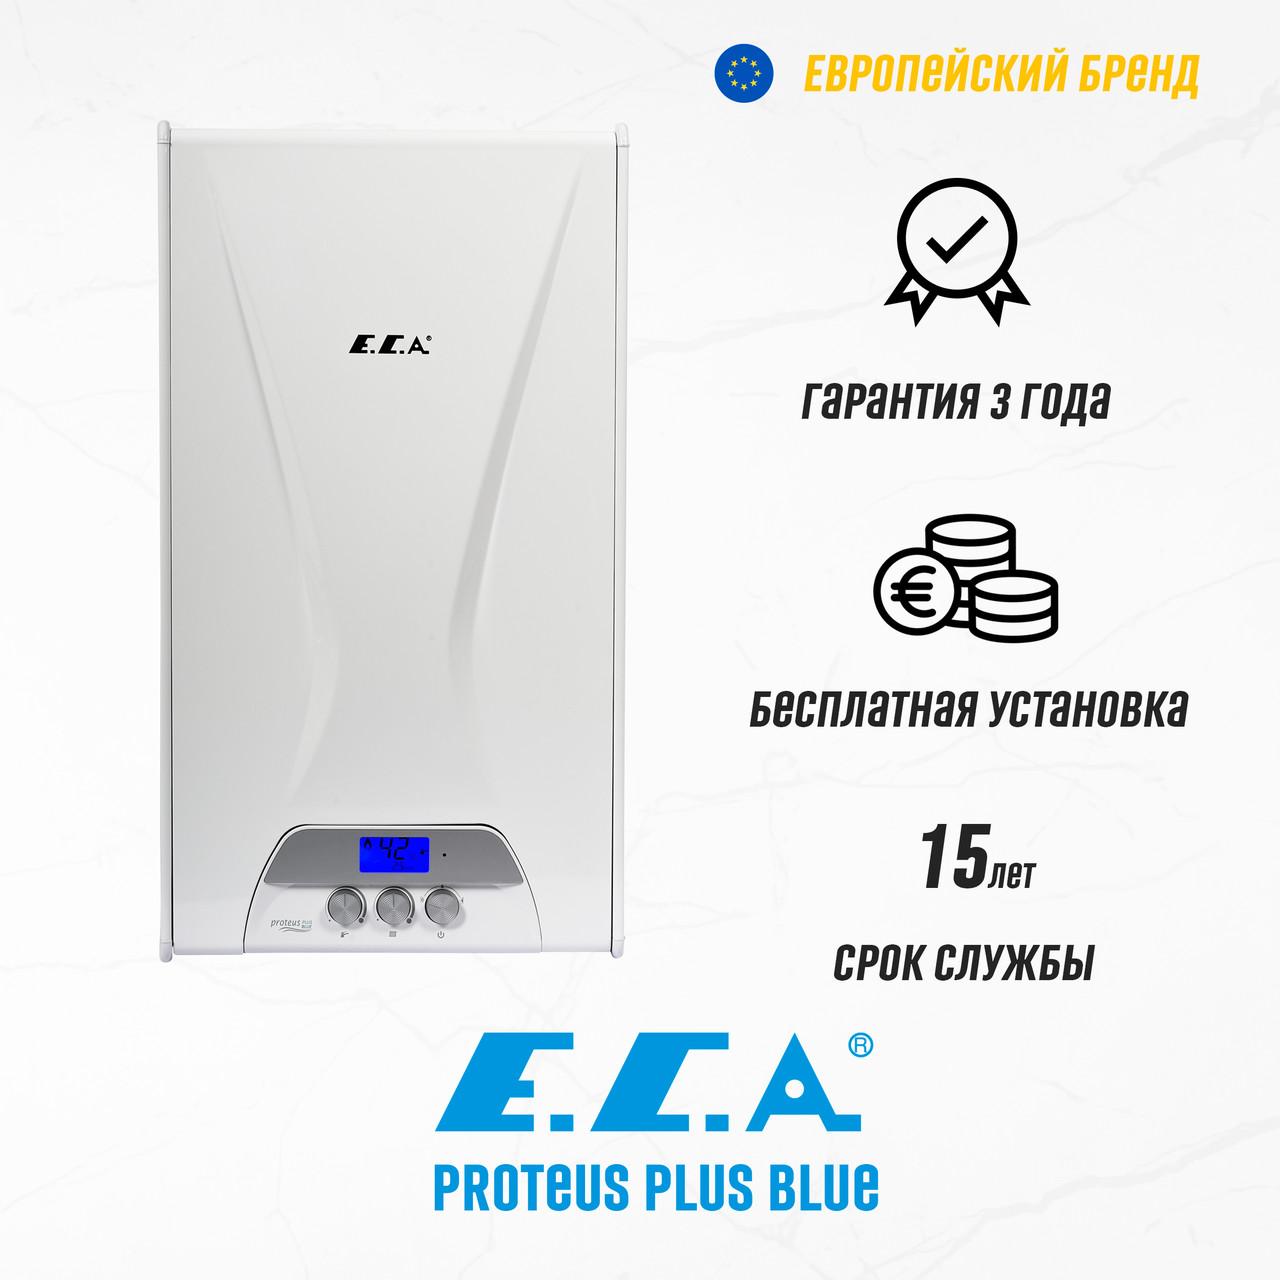 Котел газовый eca Proteus Blue 24kw - фото 1